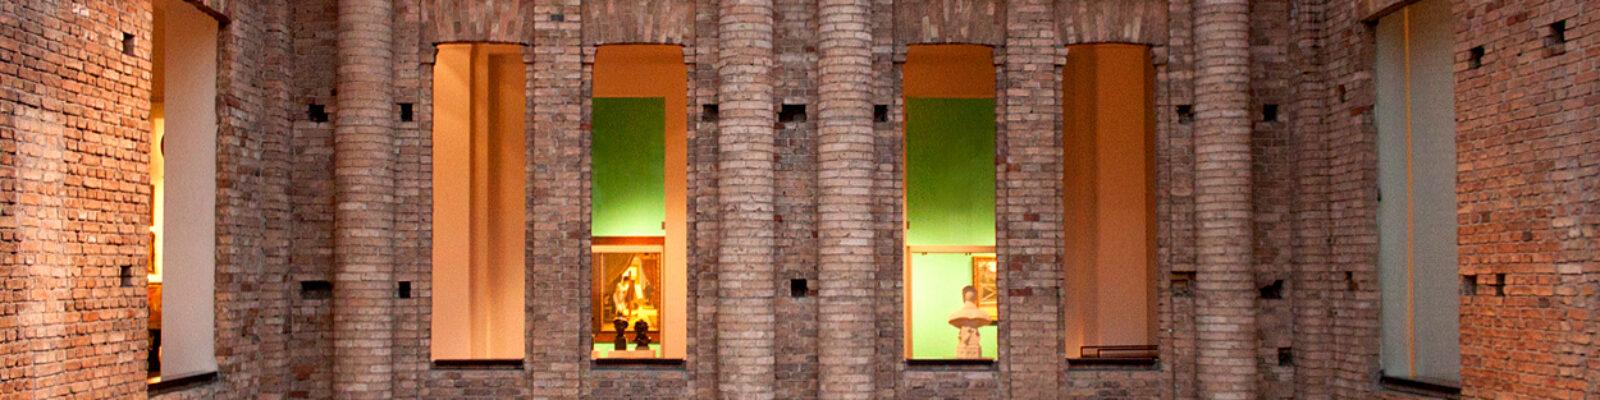 Vista frontale delle finestre della pinacoteca